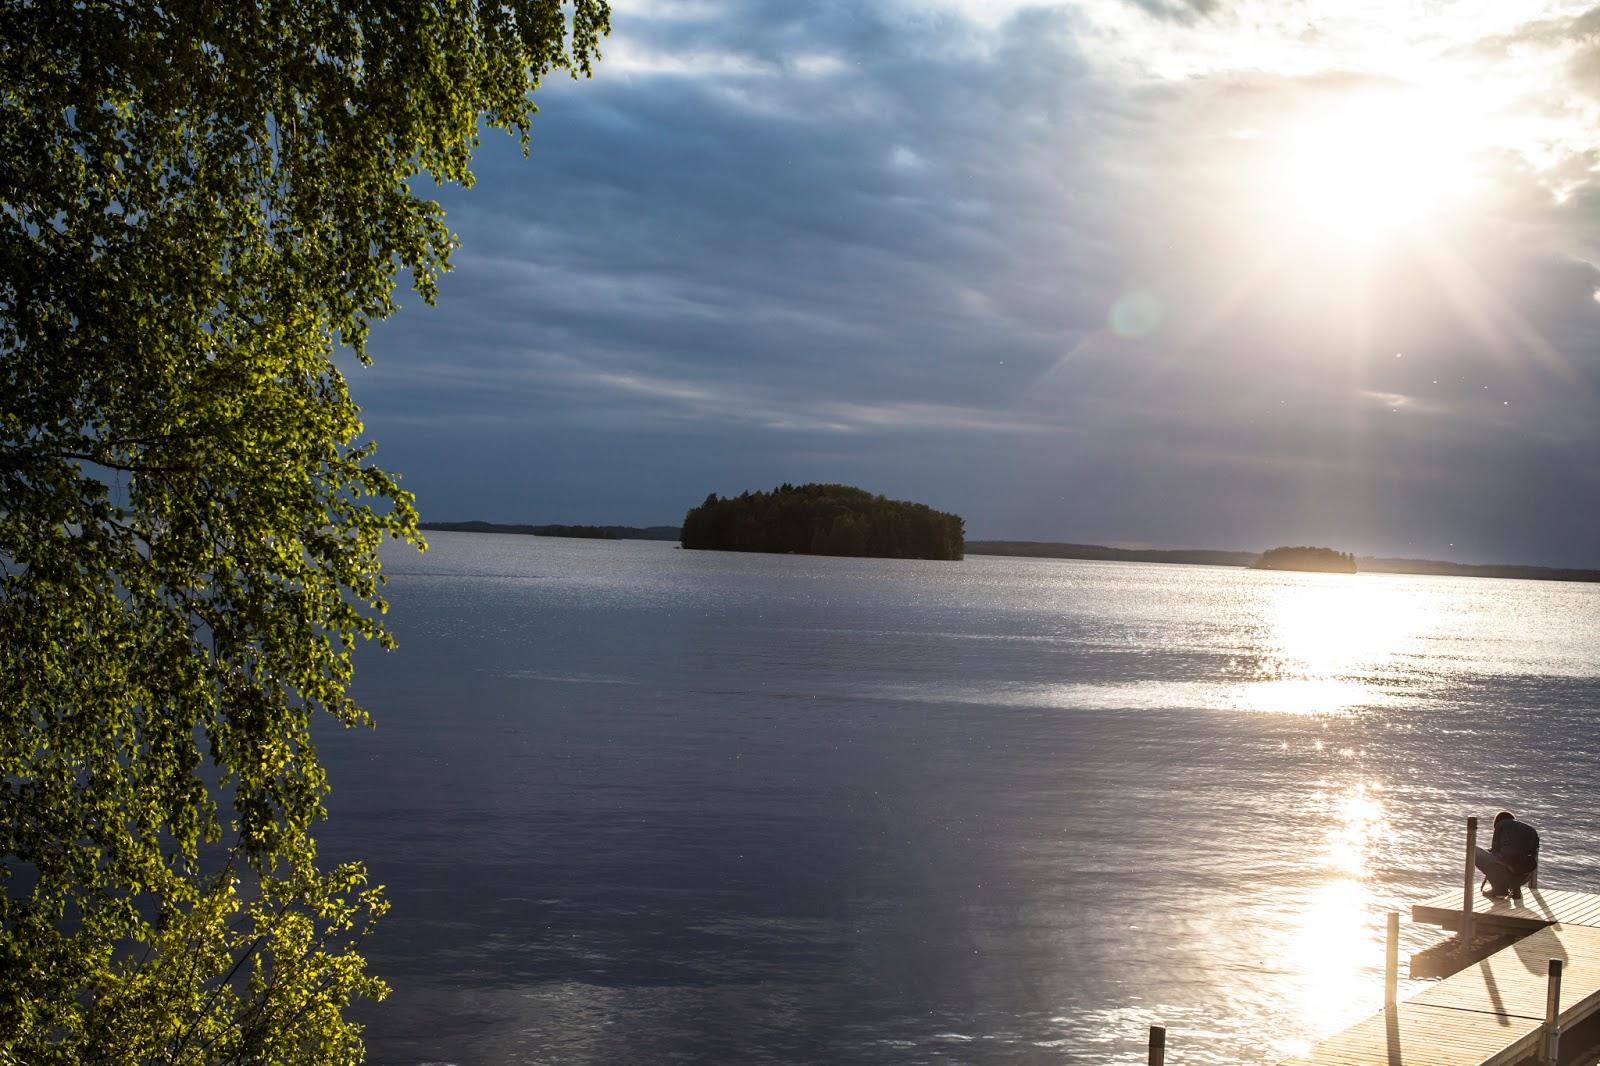 フィンランド、湖水地方の寫真! | Kazuhiro Hatakeyama